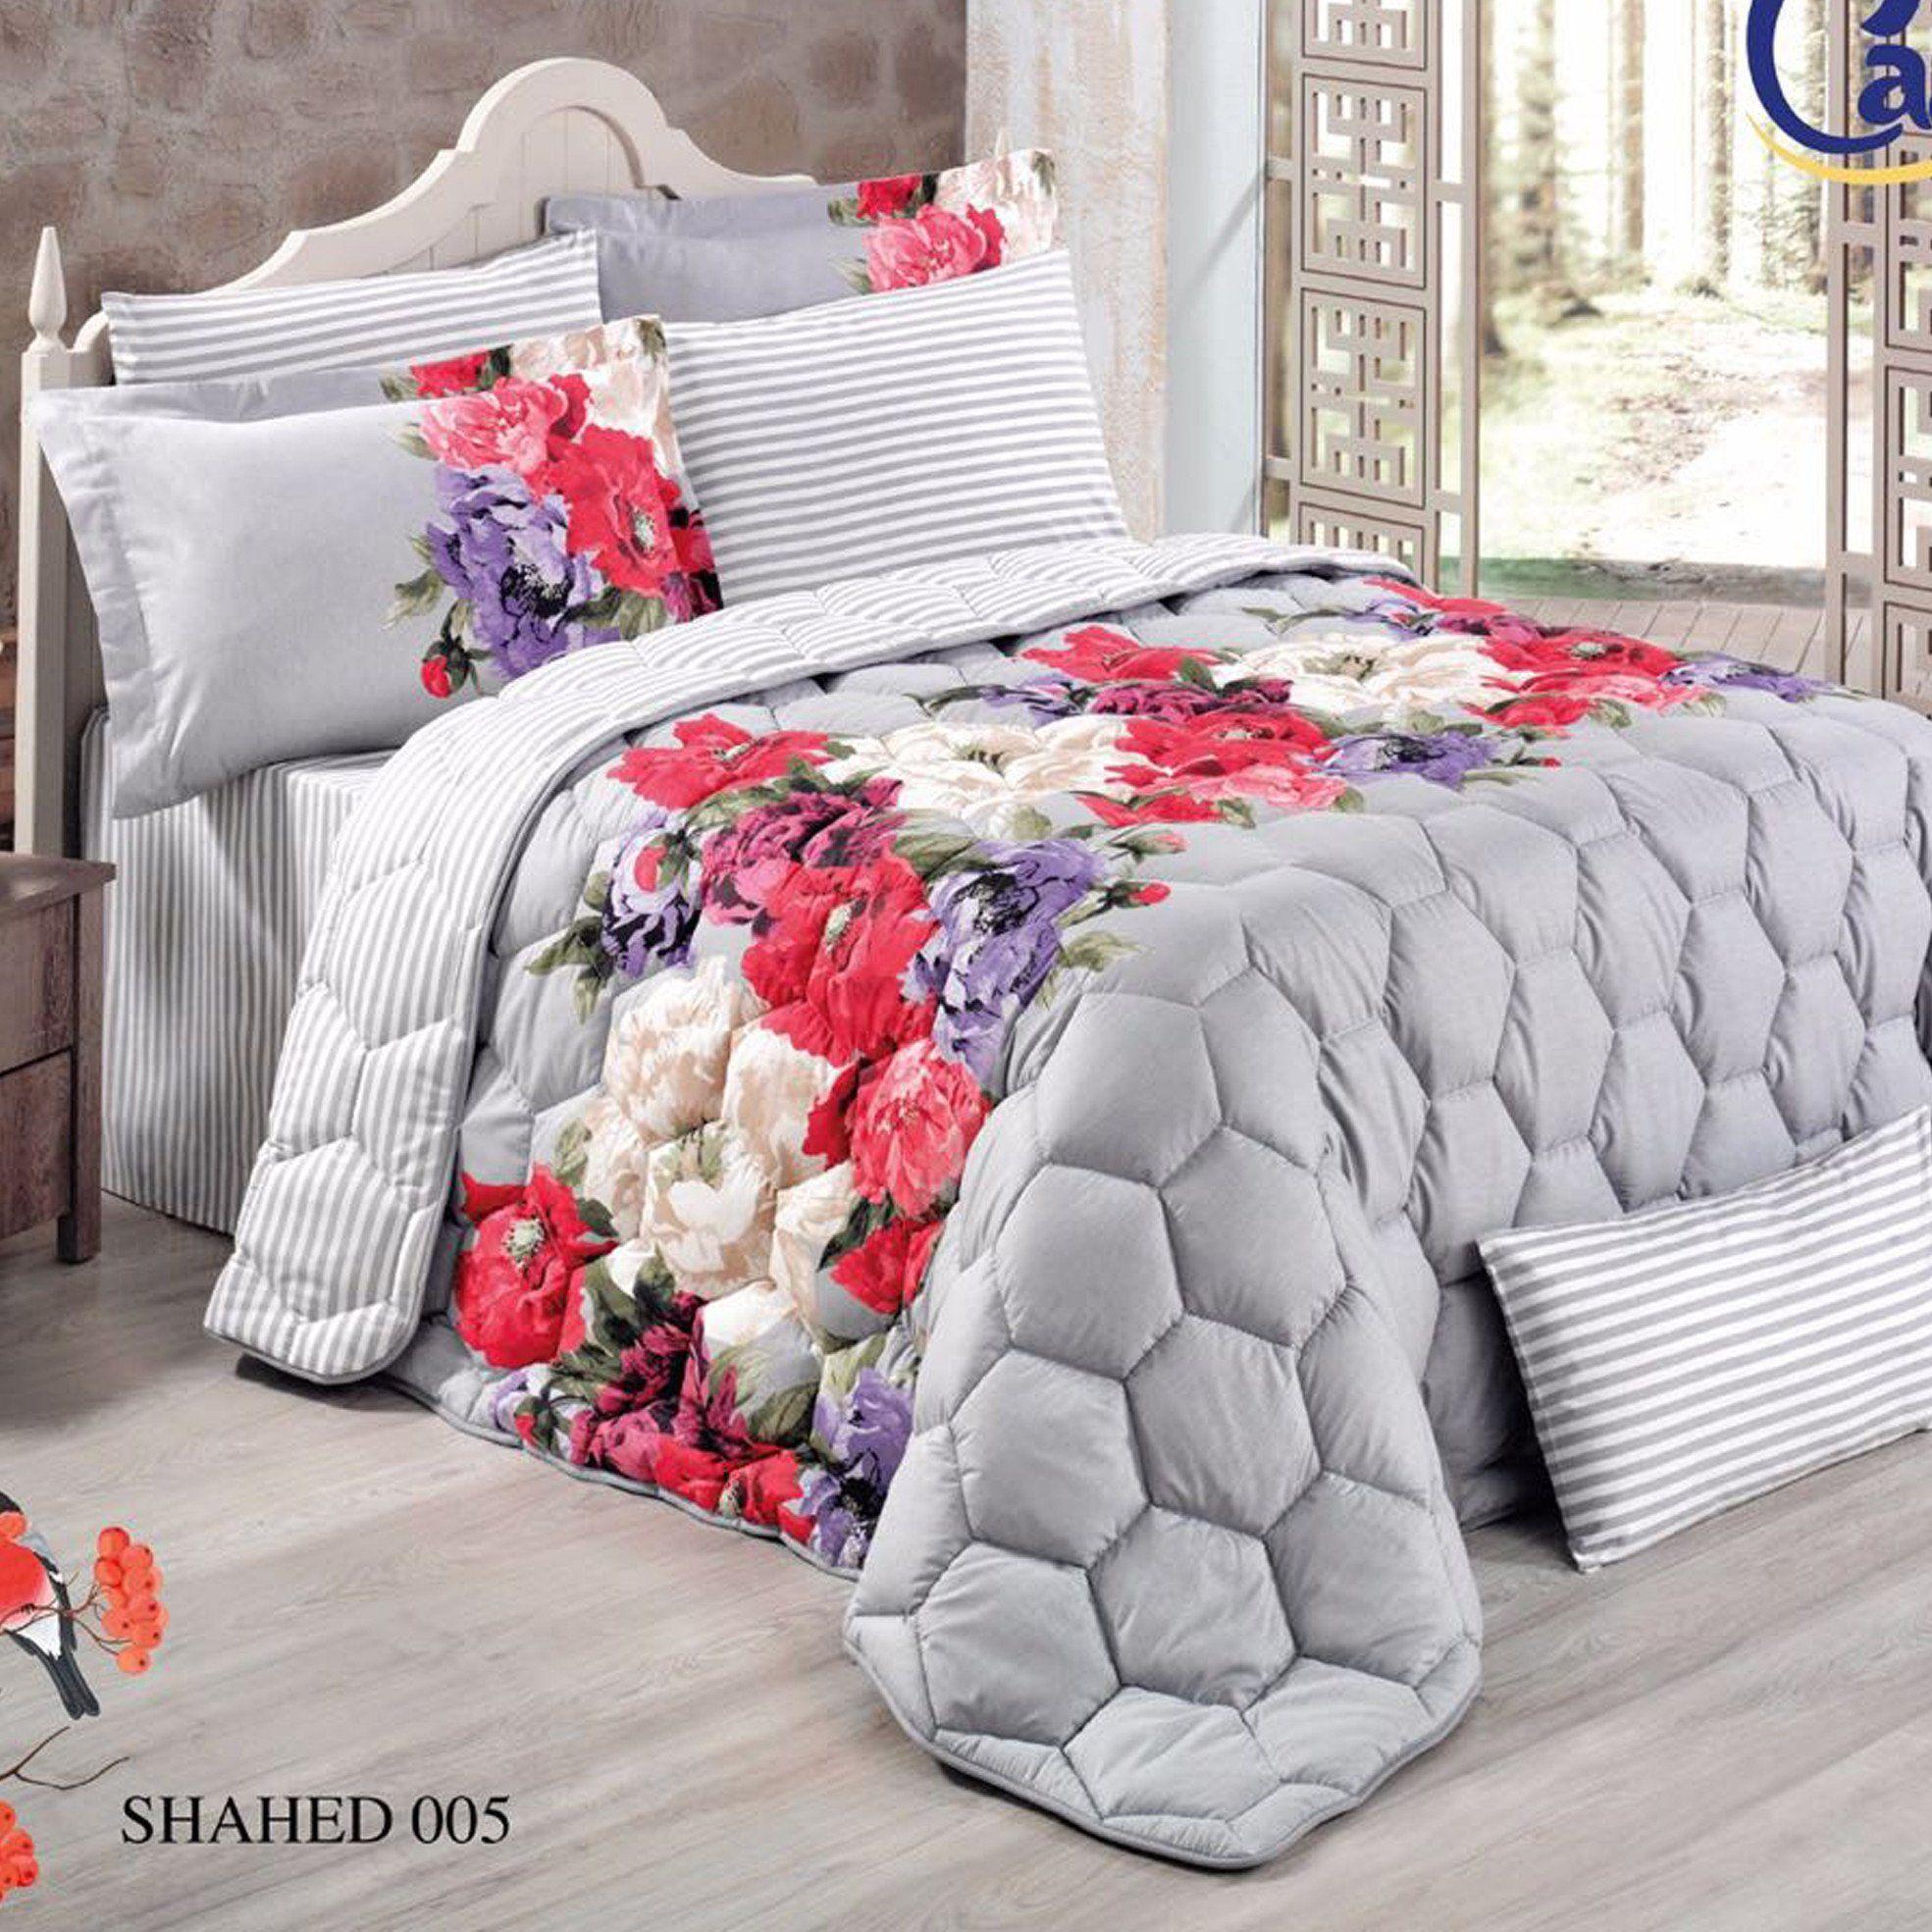 مفرش روز لاند التركي Summer Bedding Bed Blanket